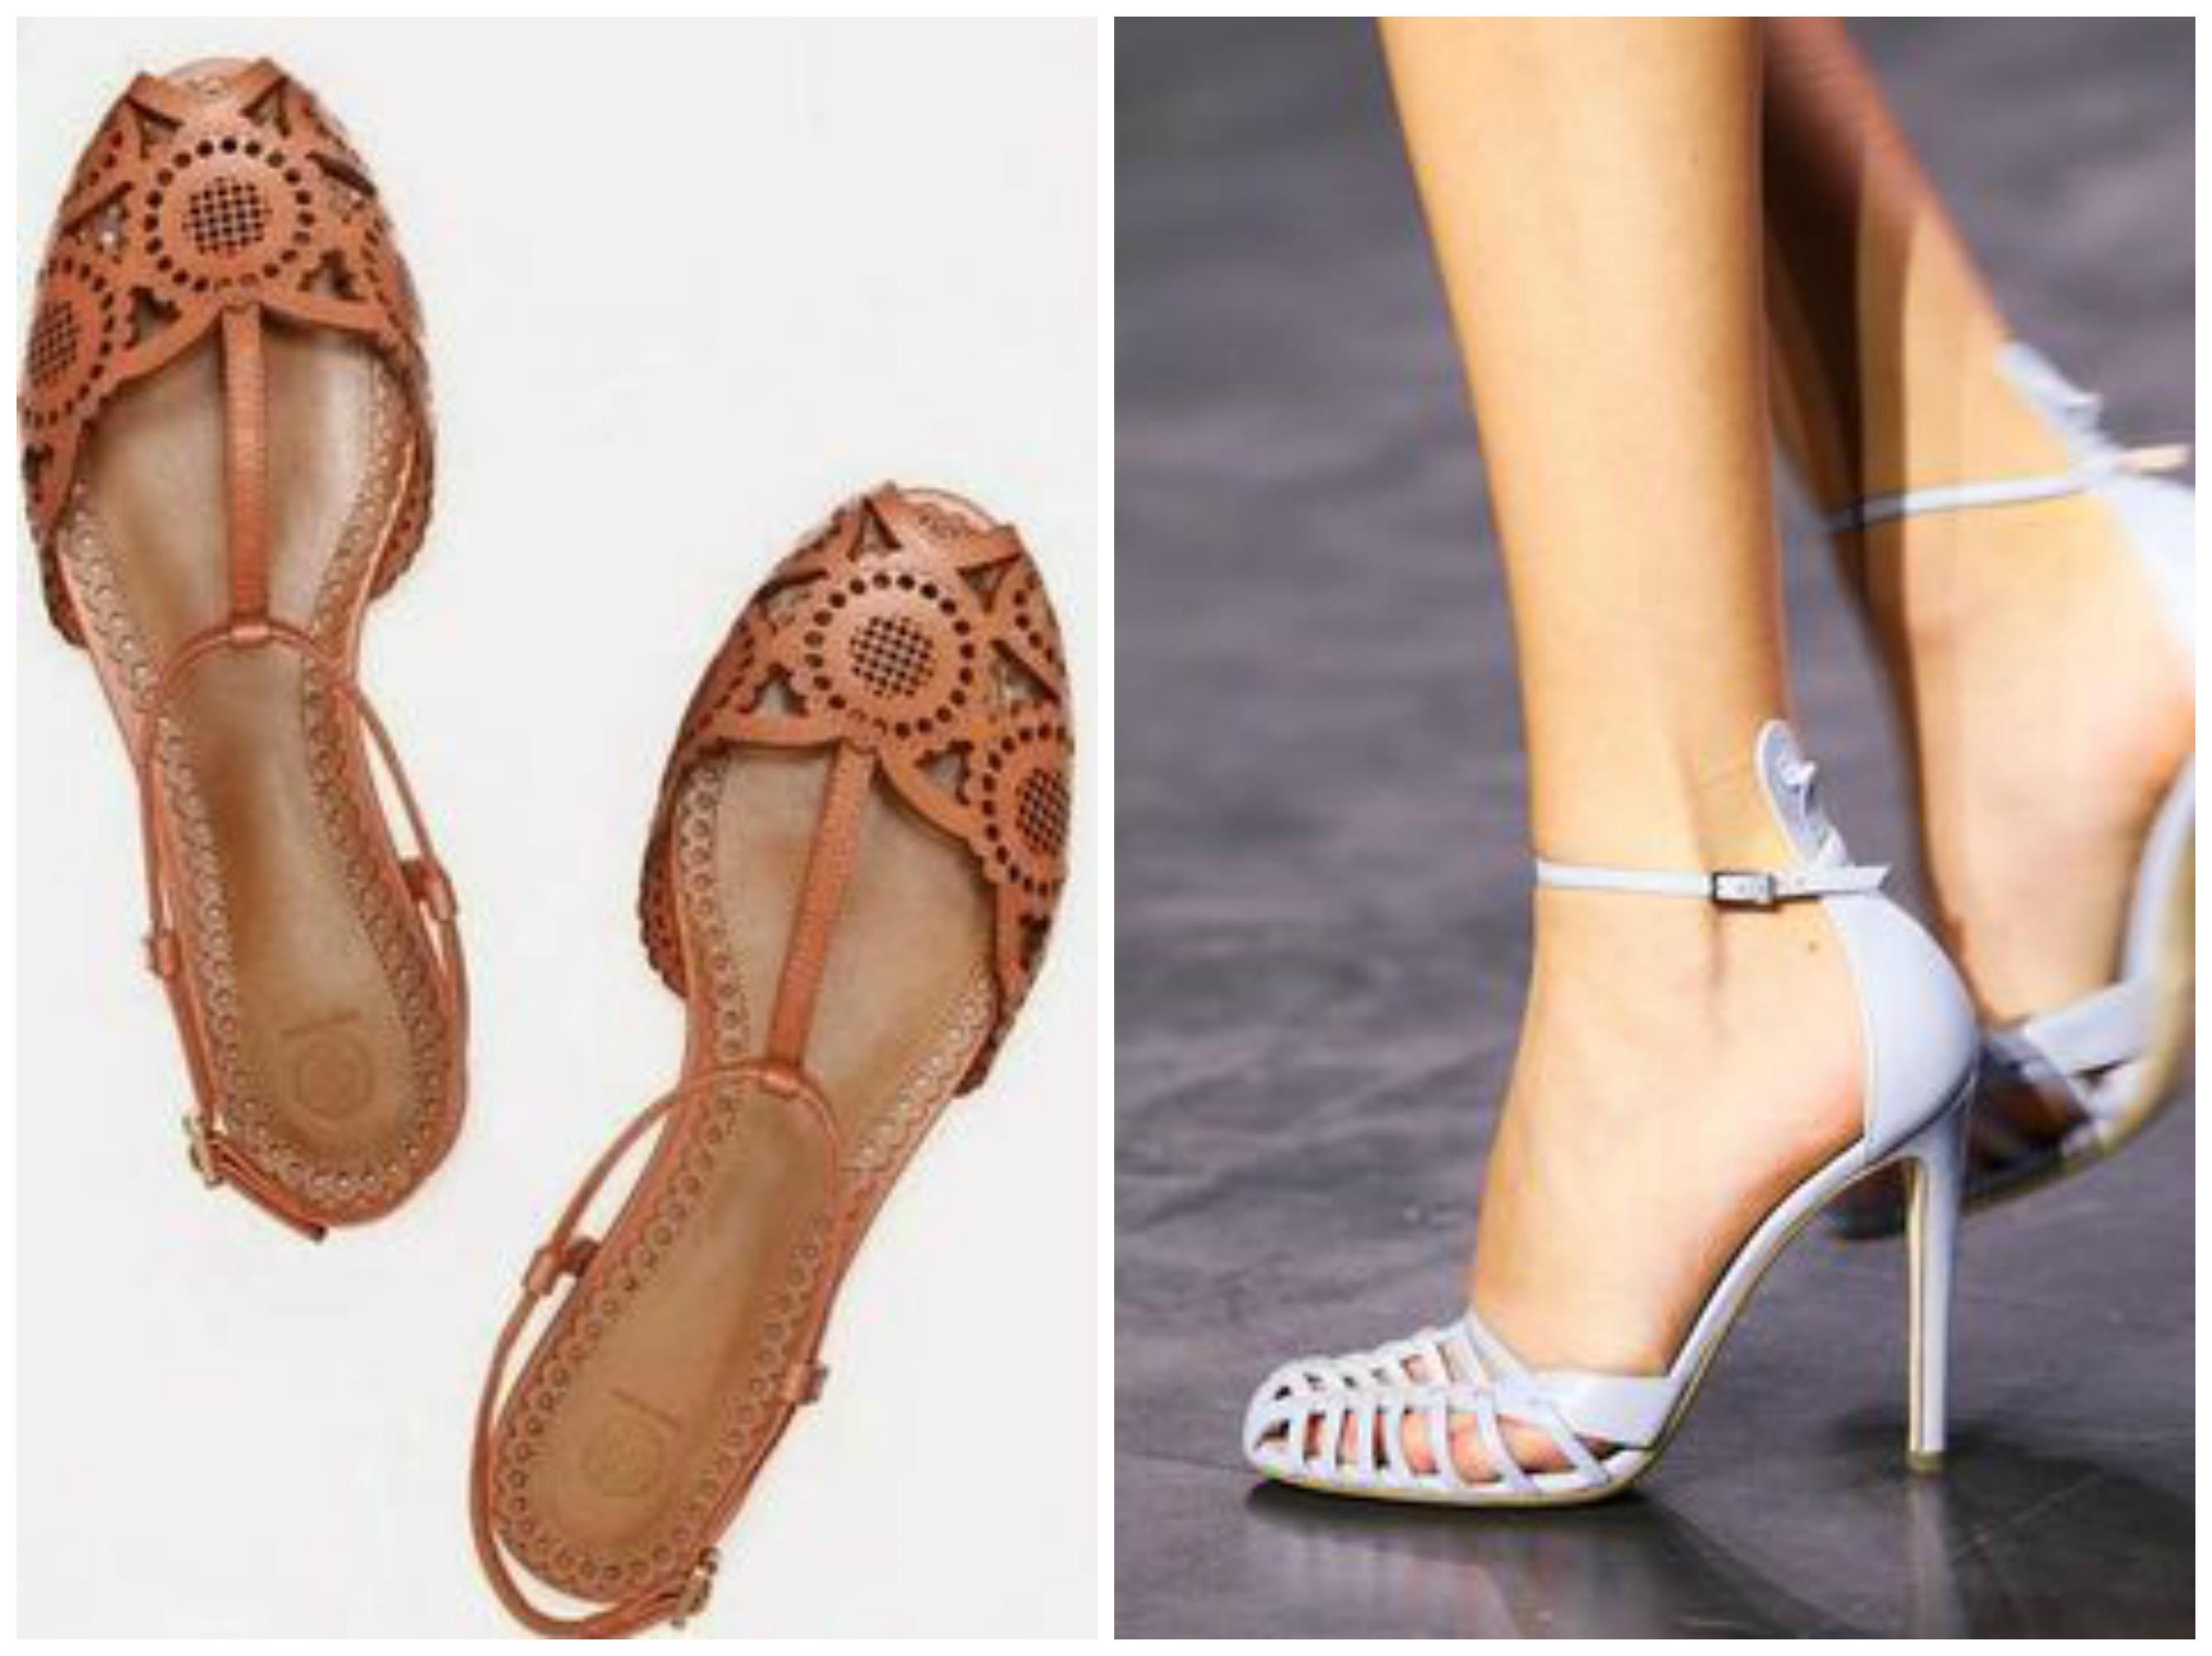 online store 23f3a 1f7ac Jessica in .. punta di piedi - METRO News 24